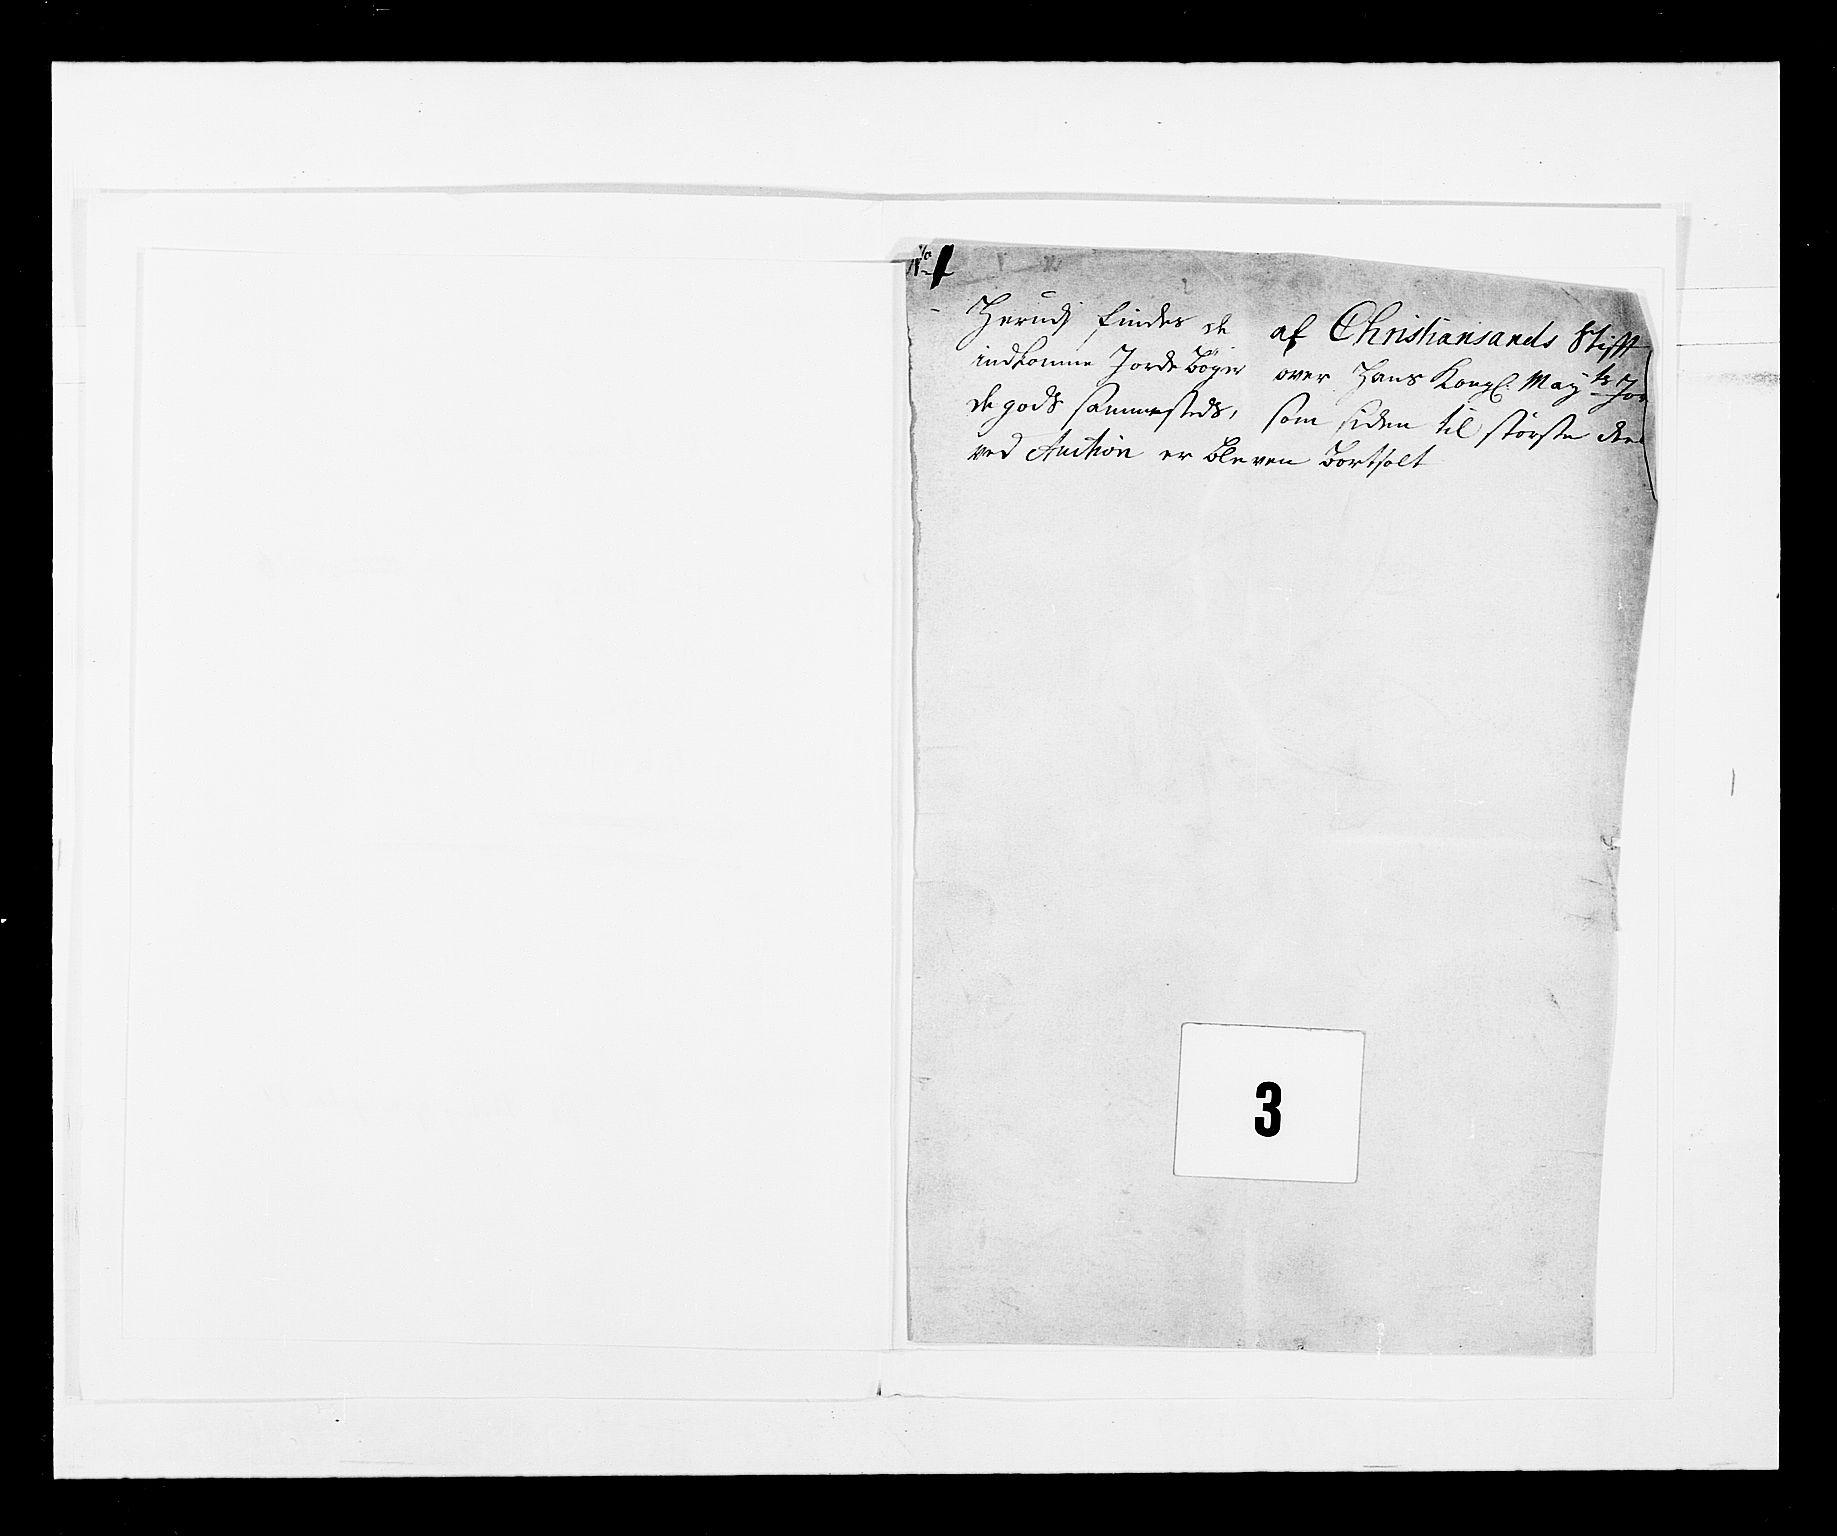 RA, Stattholderembetet 1572-1771, Ek/L0040: Jordebøker o.a. 1720-1728 vedkommende krongodset:, 1726-1727, s. 1